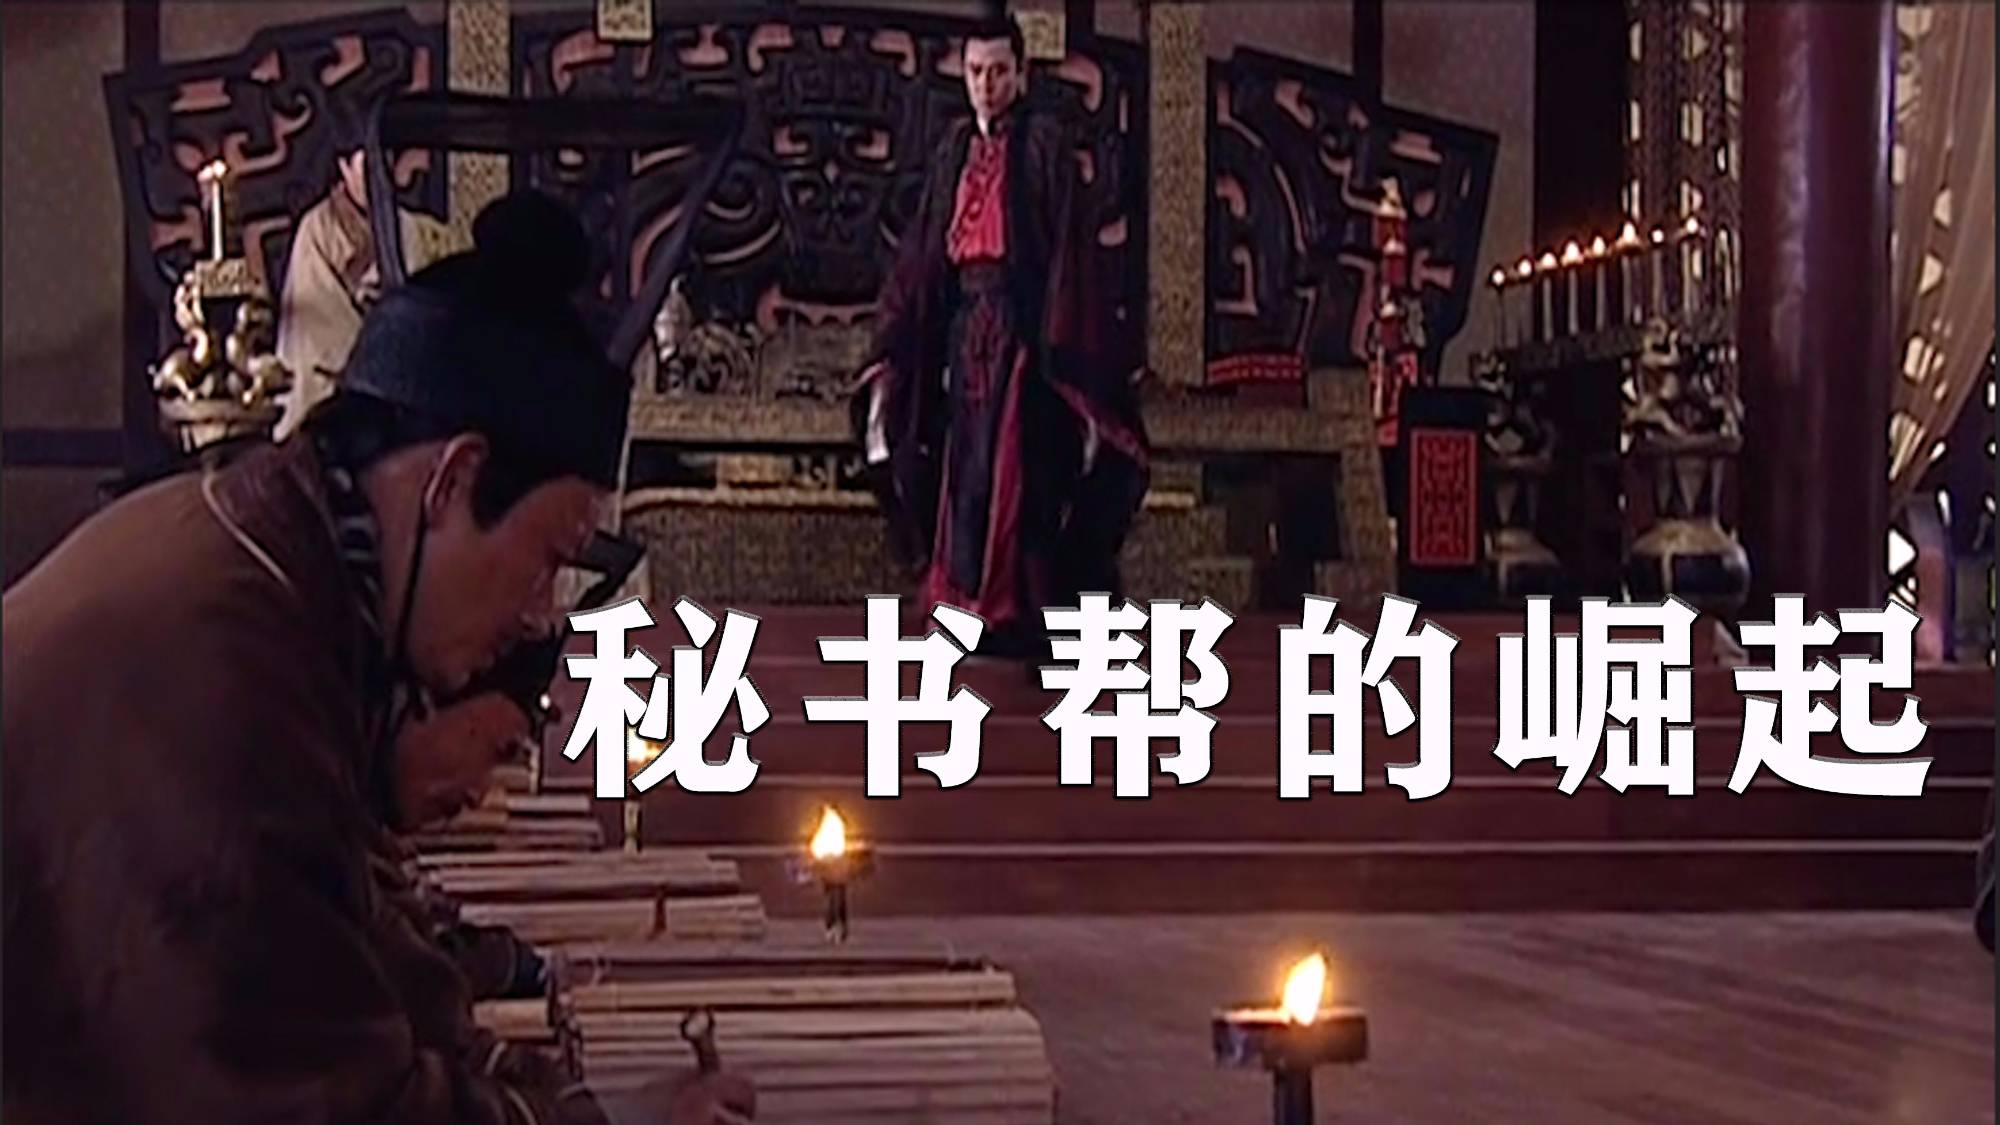 【汉武时代漫谈】09西汉行政层级和内朝制度